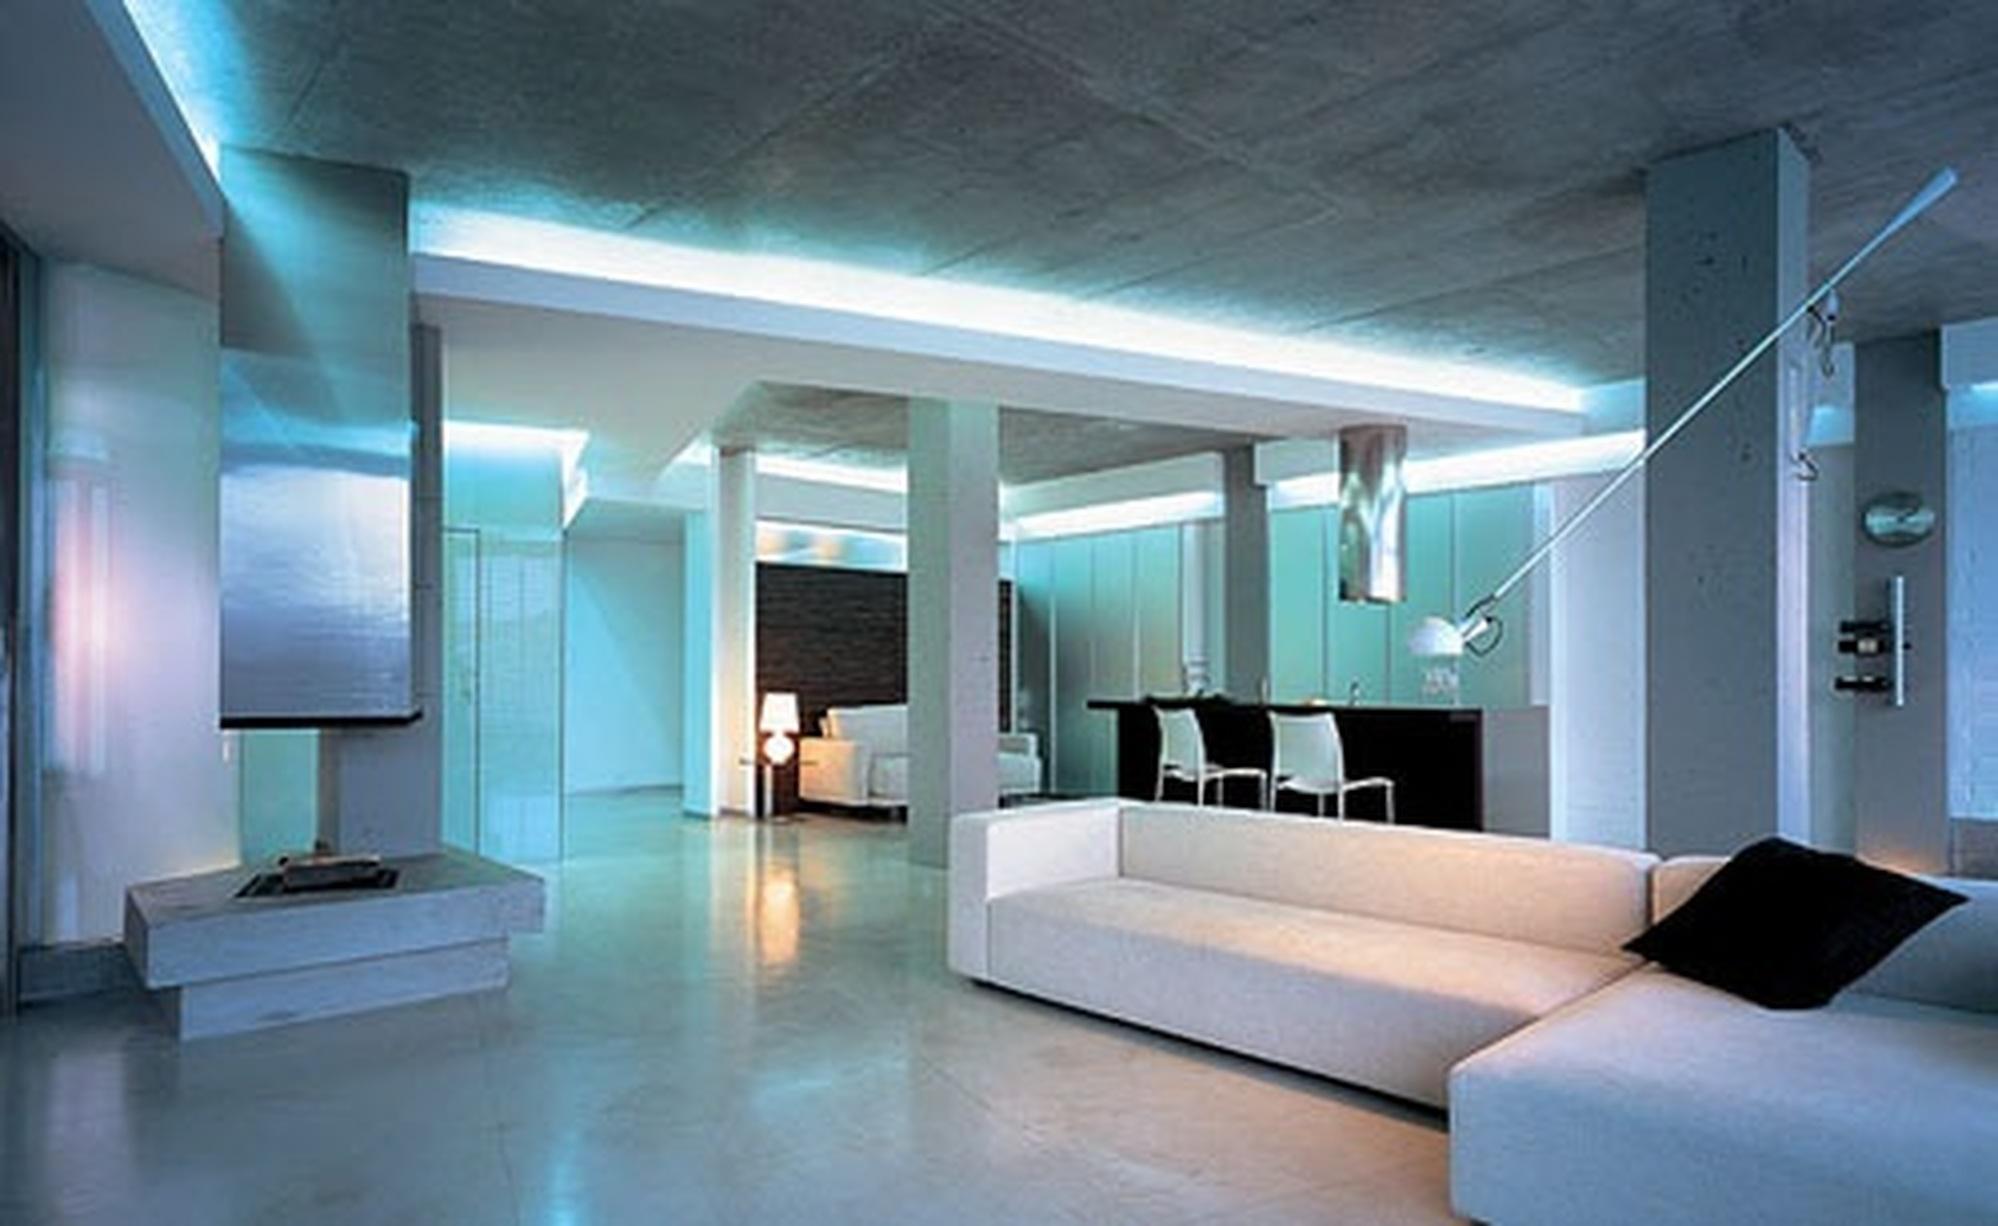 Дизайн интерьера в стиле хай тек дизайн